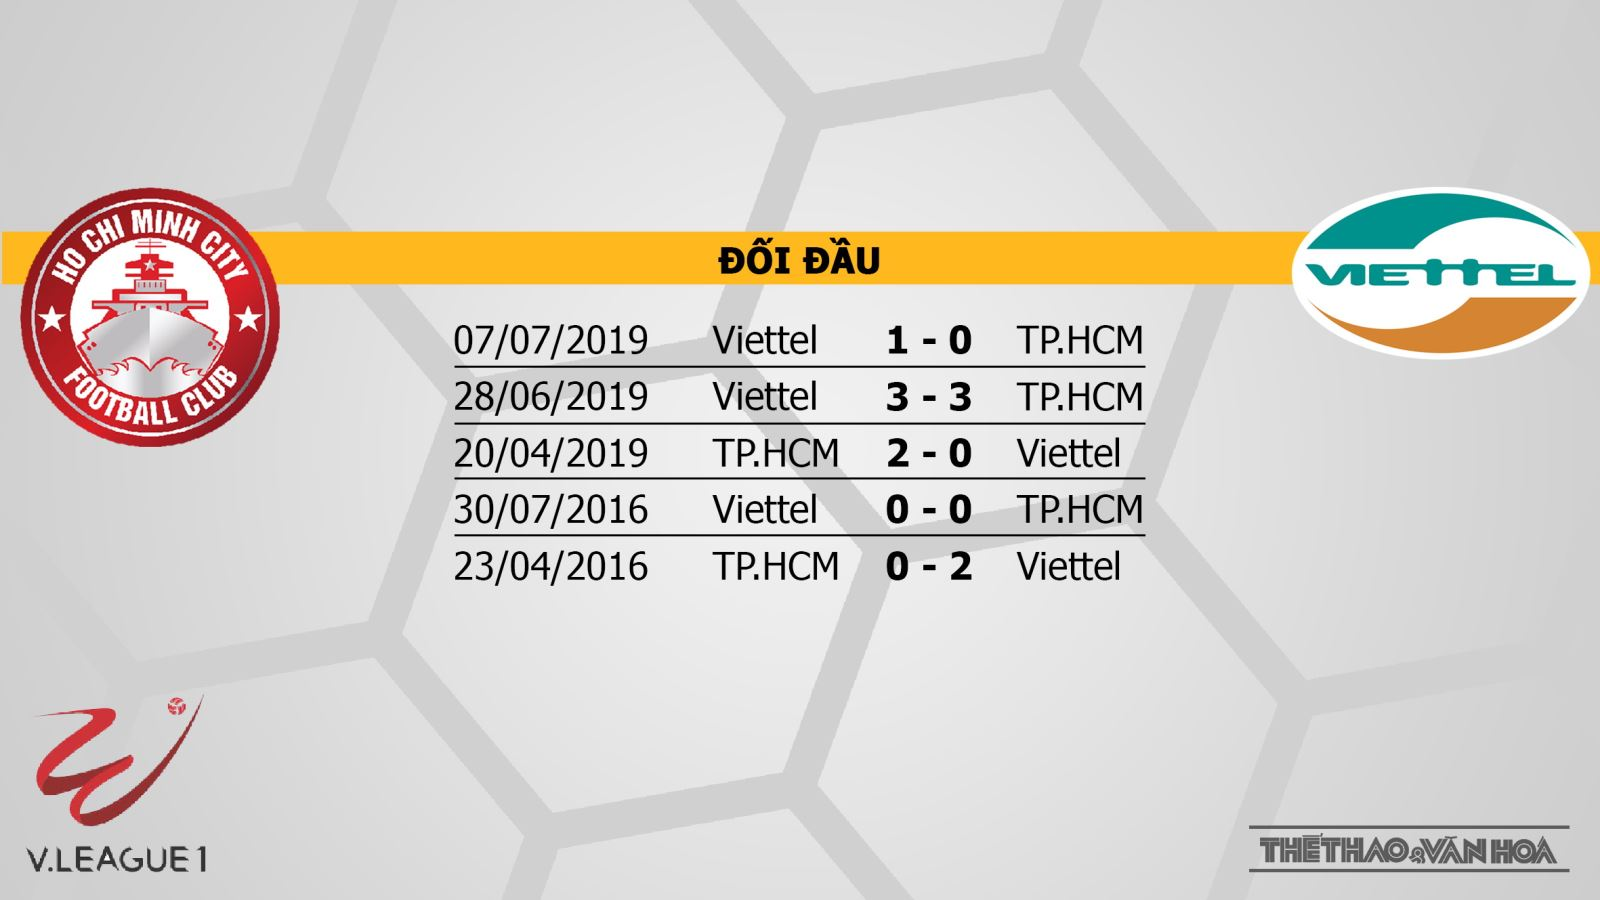 bóng đá, bong da, bong da hom nay, TPHCM vsViettel, TPHCM đấu với Viettel, Viettel, TPHCM, V-League, dự đoán bóng đá, soi kèo bóng đá